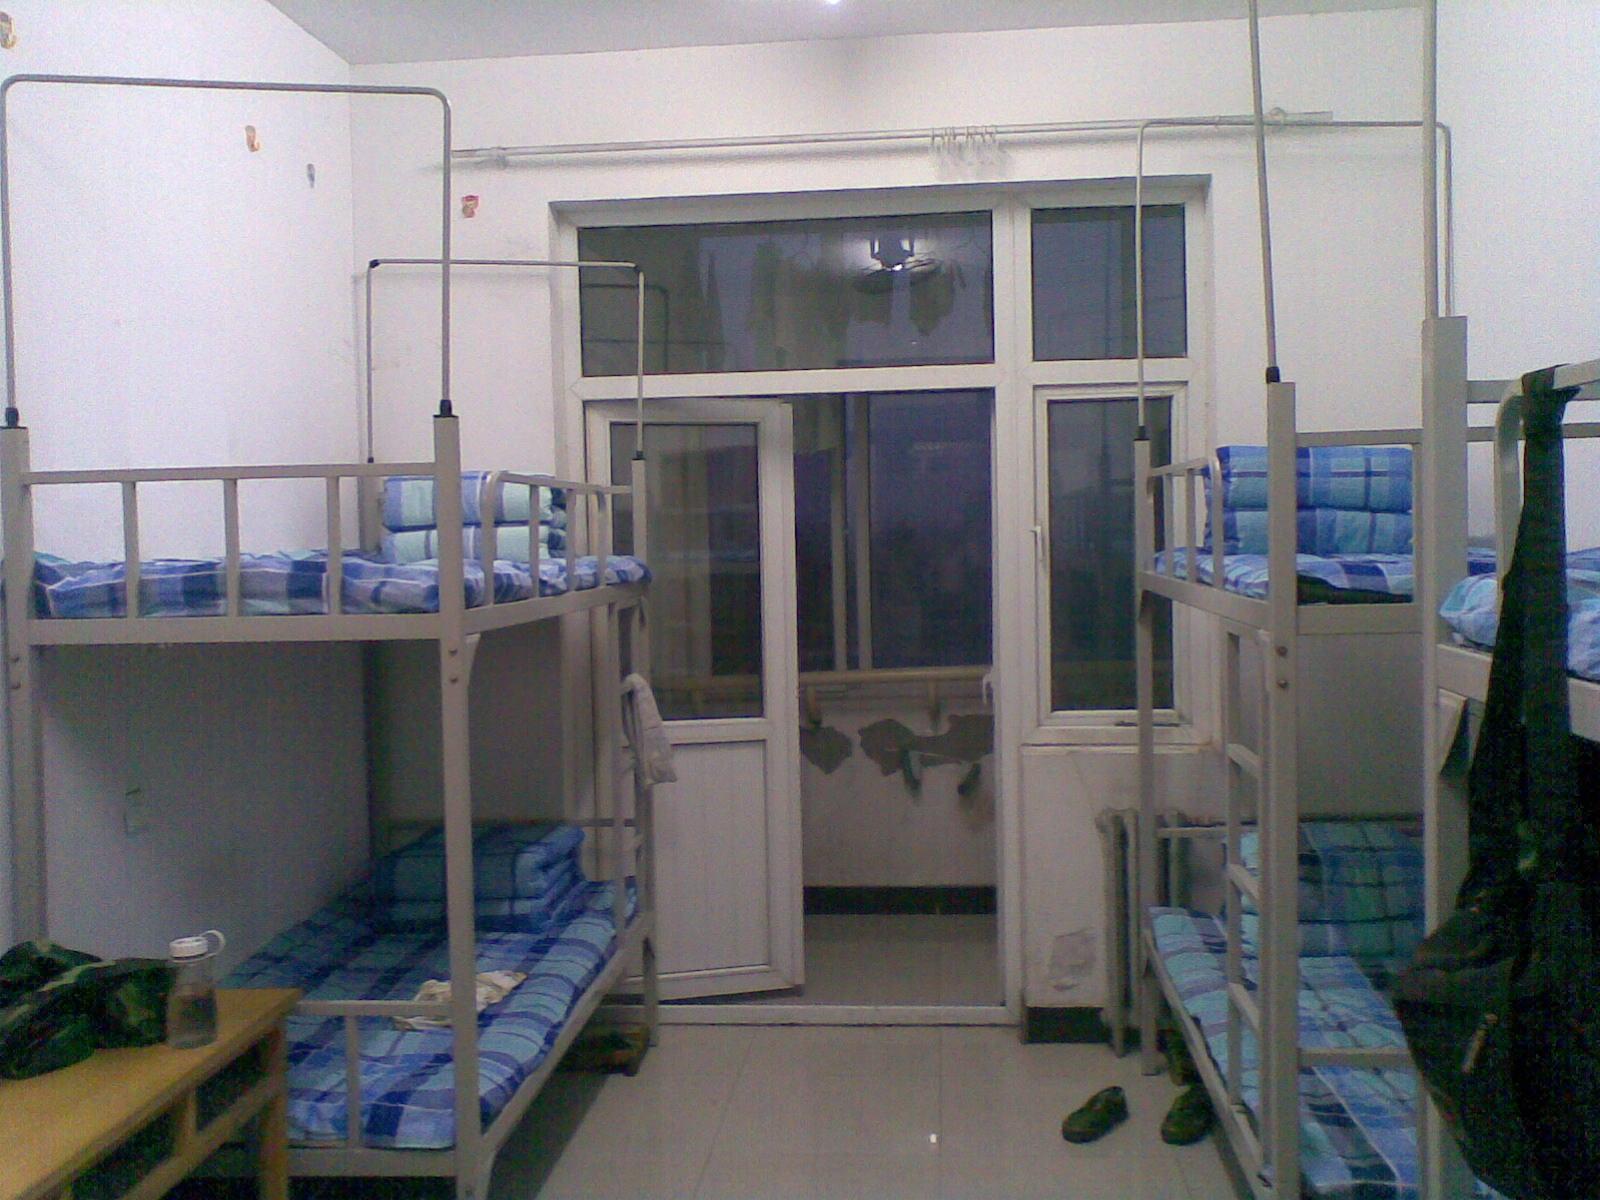 求河北科技大学宿舍的图片图片